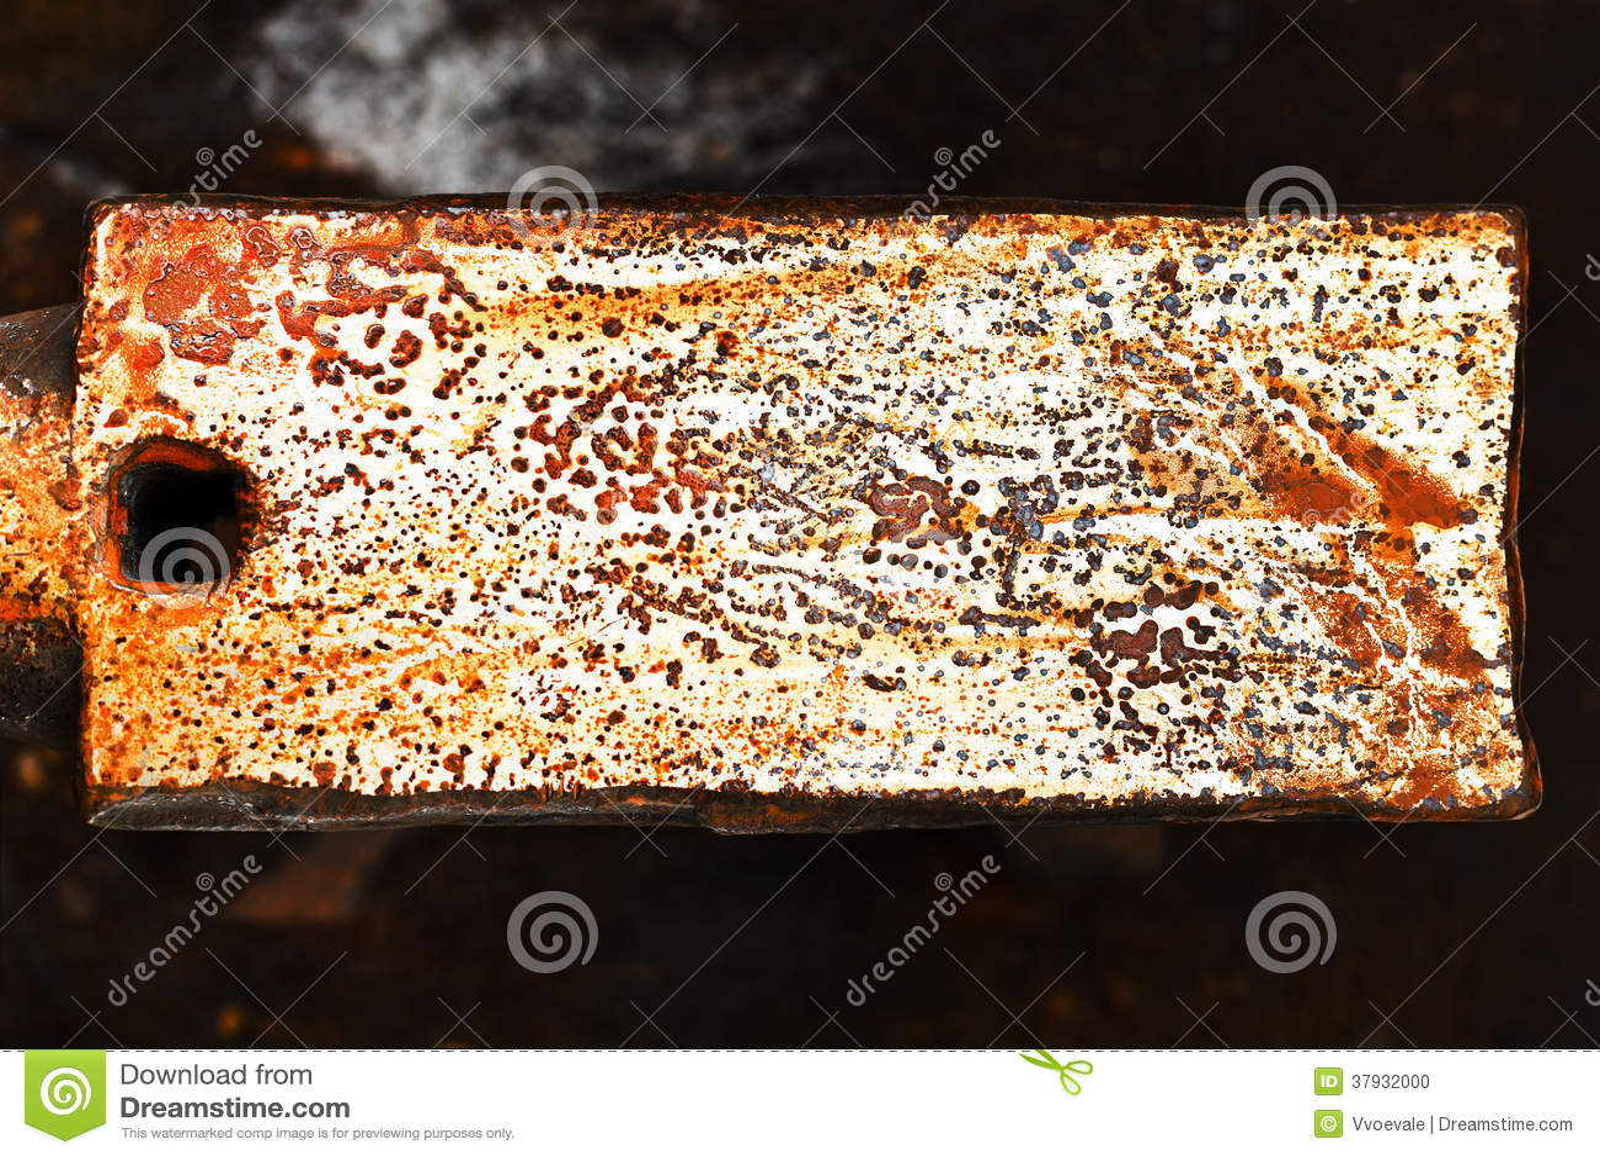 Ржавая поверхность железного наковальни